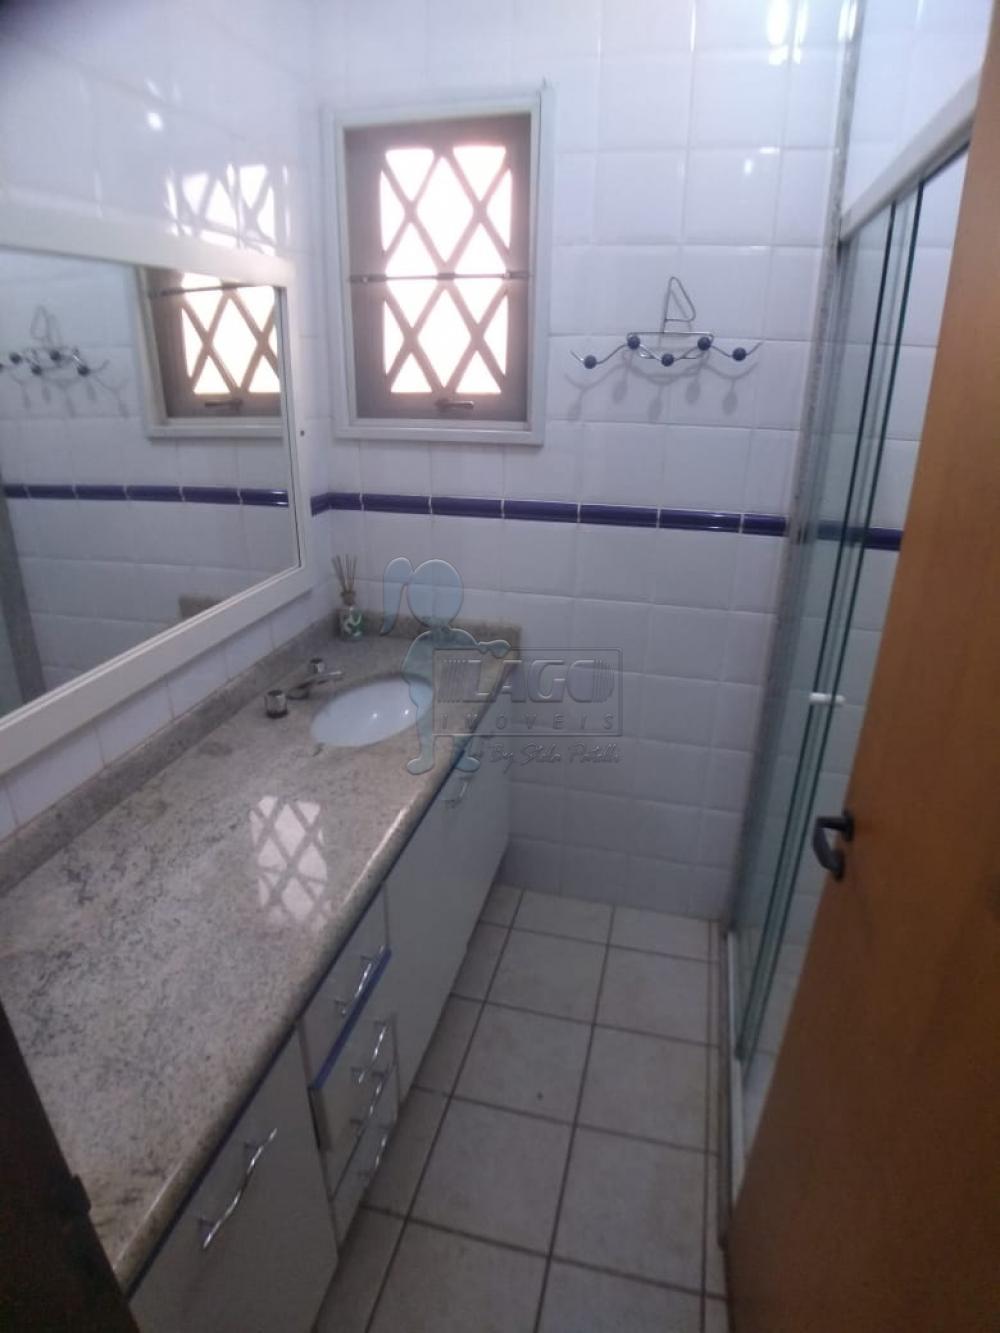 Alugar Casas / Condomínio em Ribeirão Preto apenas R$ 2.100,00 - Foto 17